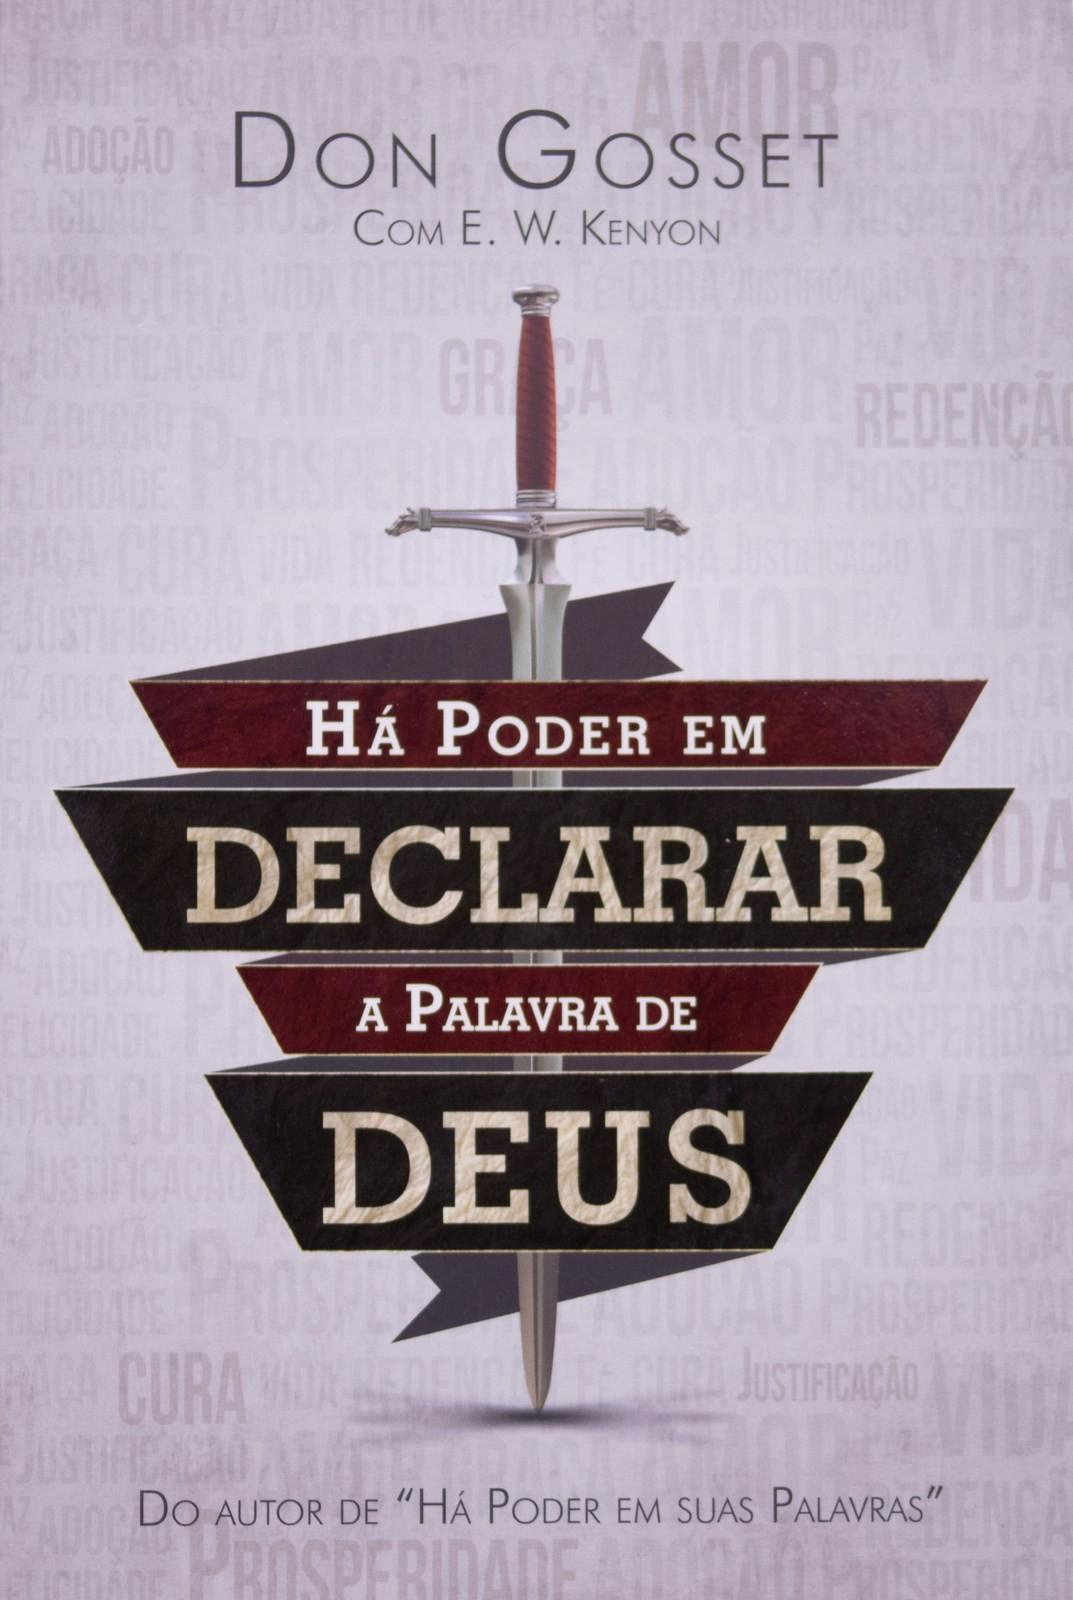 HA PODER EM DECLARAR A PALAVRA DE DEUS